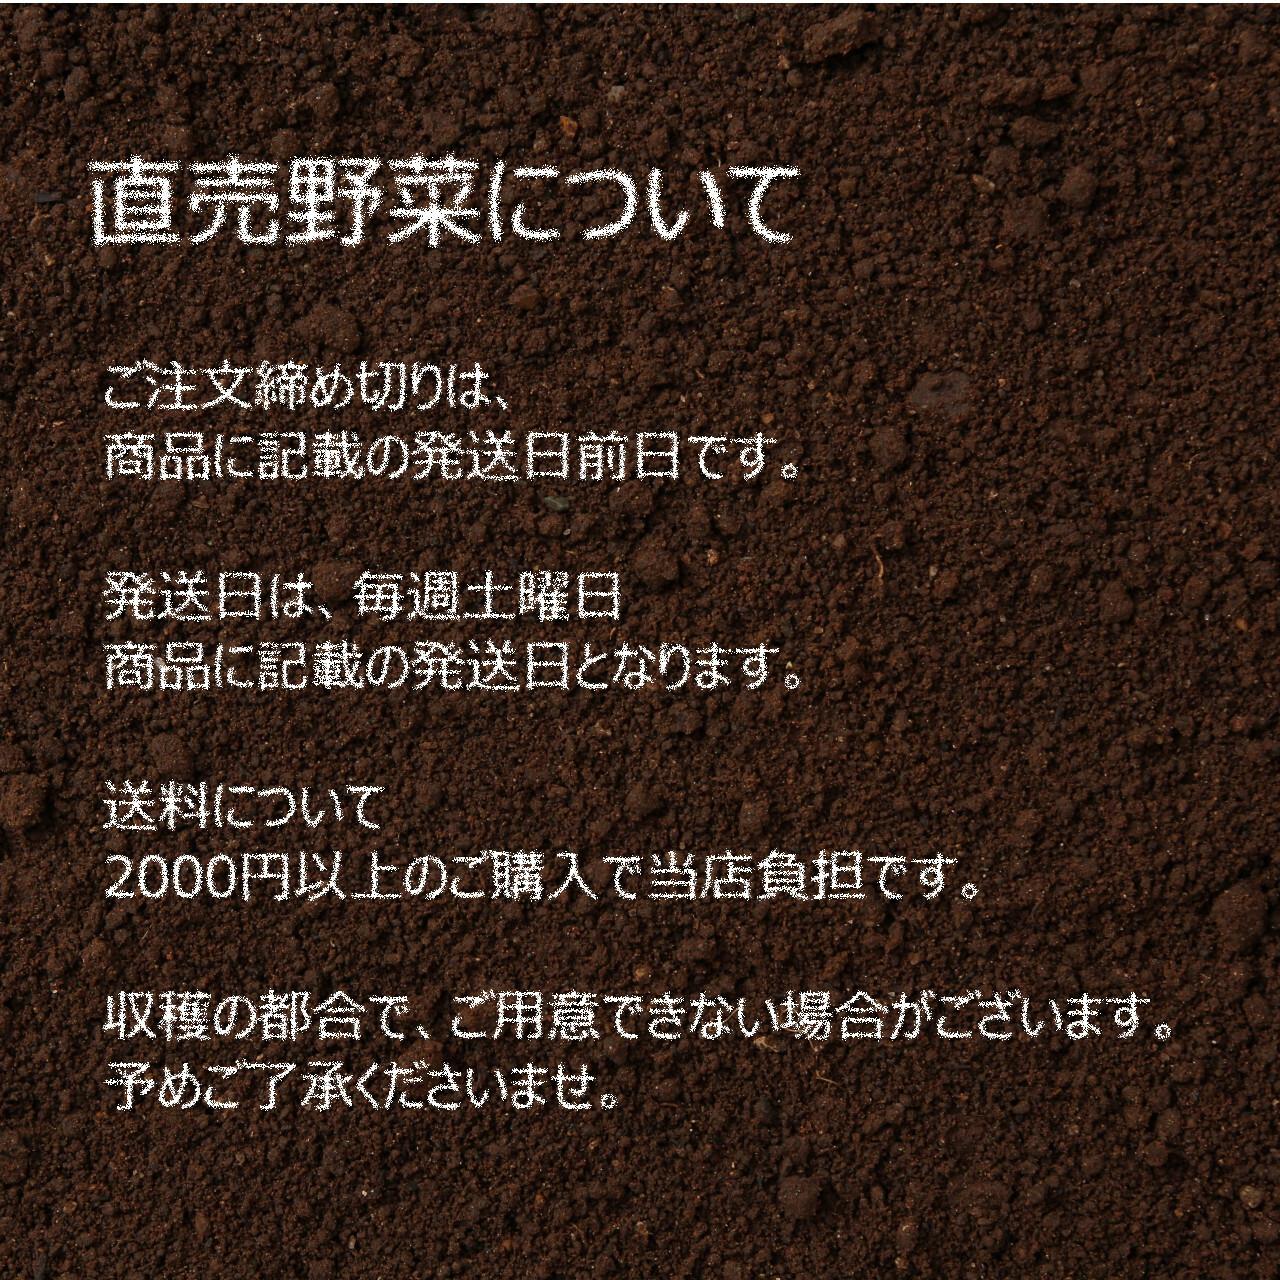 新鮮な秋野菜 : ニラ 約200g 11月の朝採り直売野菜 11月7日発送予定